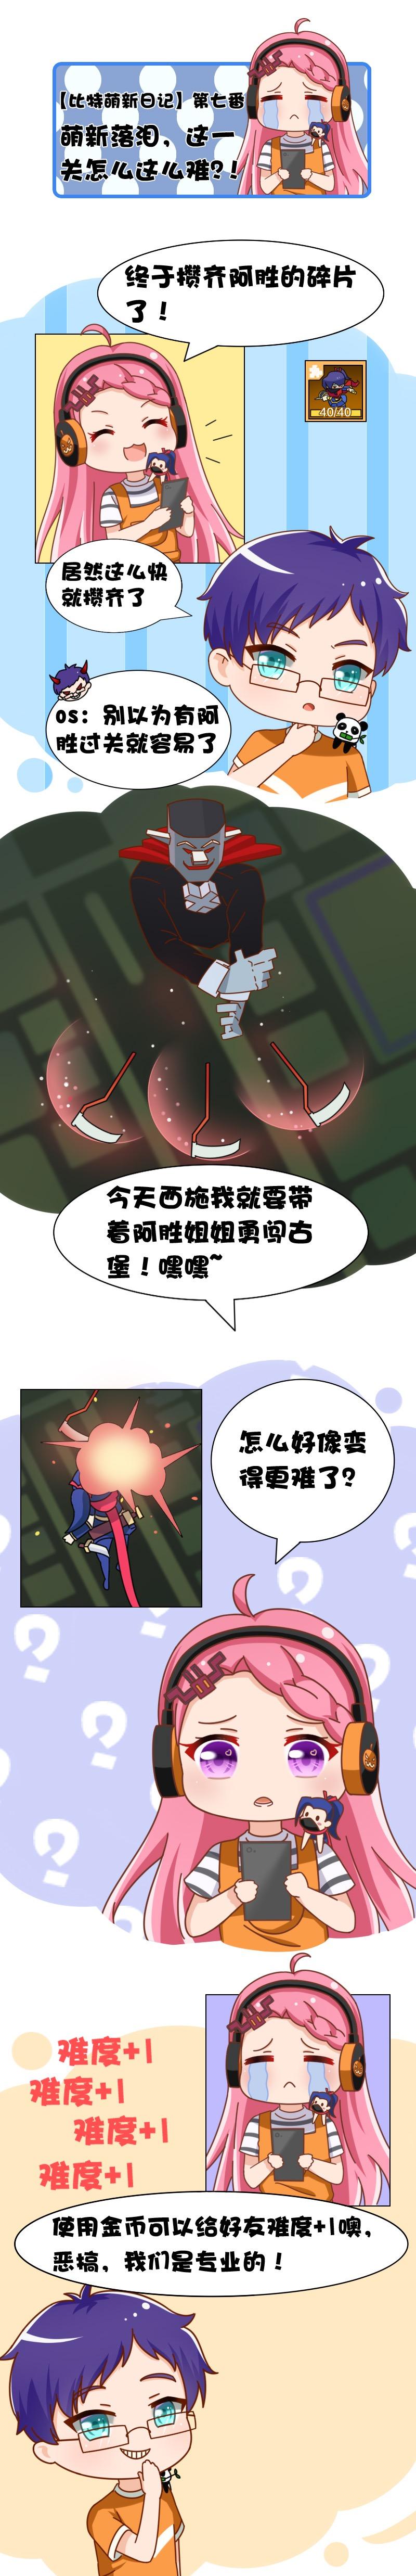 【比特萌新日记】第七番:萌新落泪,这一关怎么这么难!